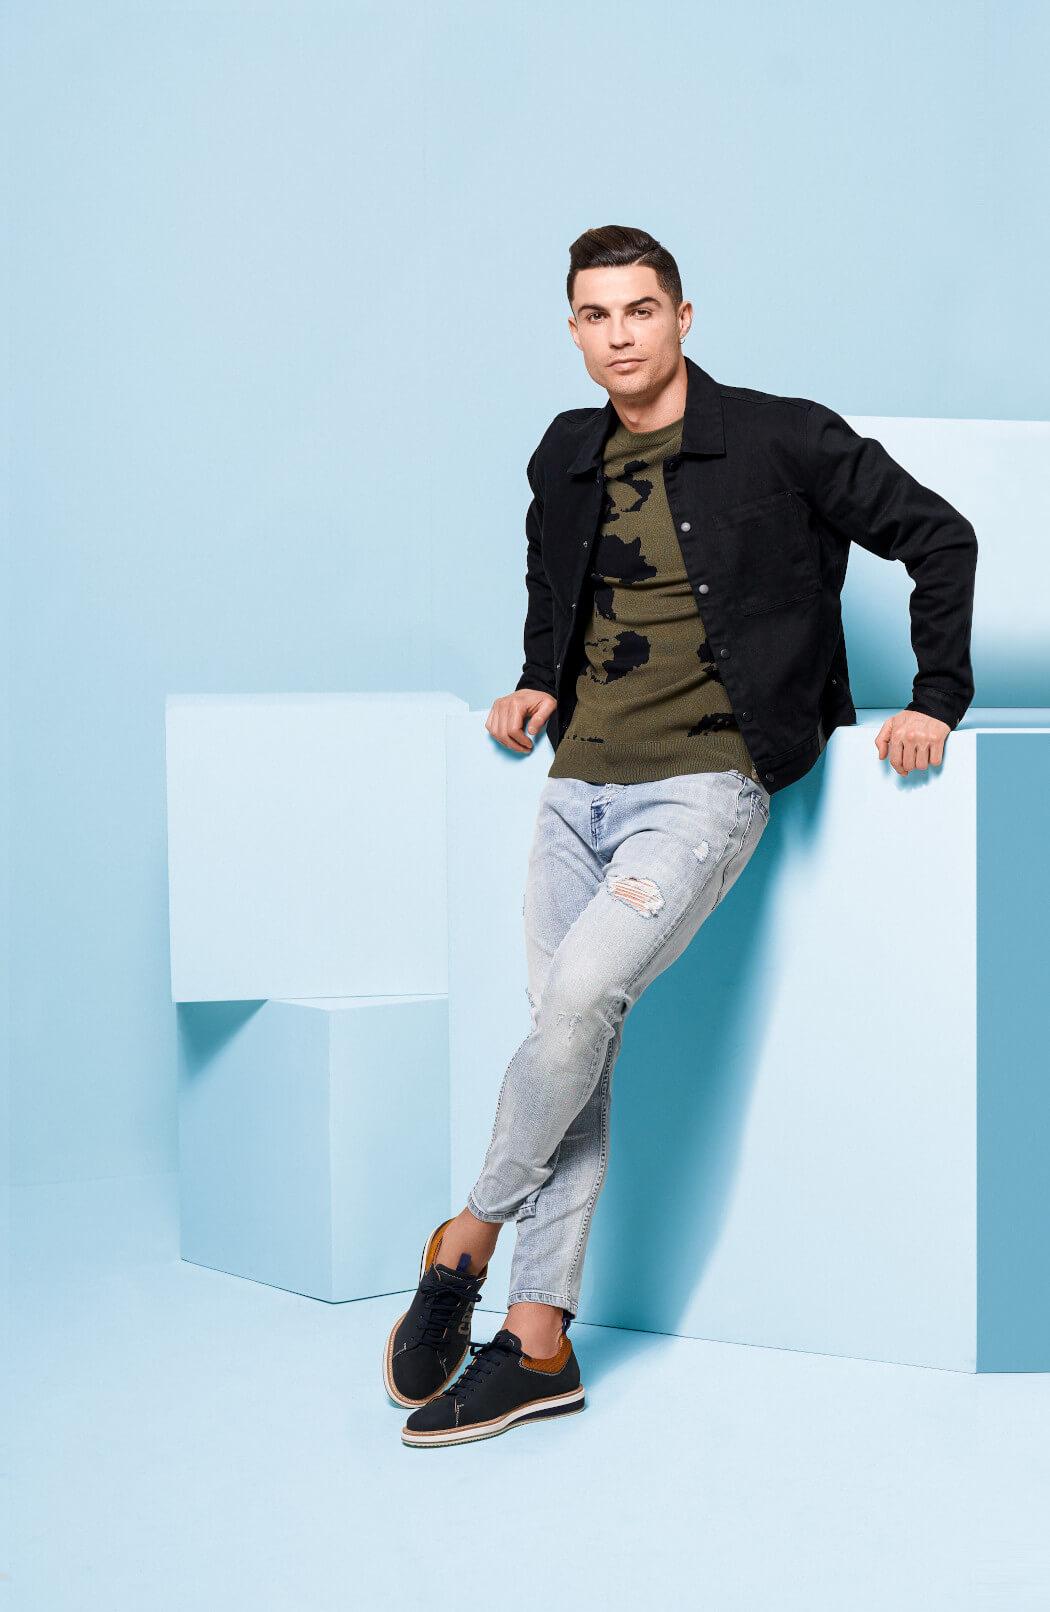 Cristiano Ronaldo và nhãn hàng thời trang của chính anh